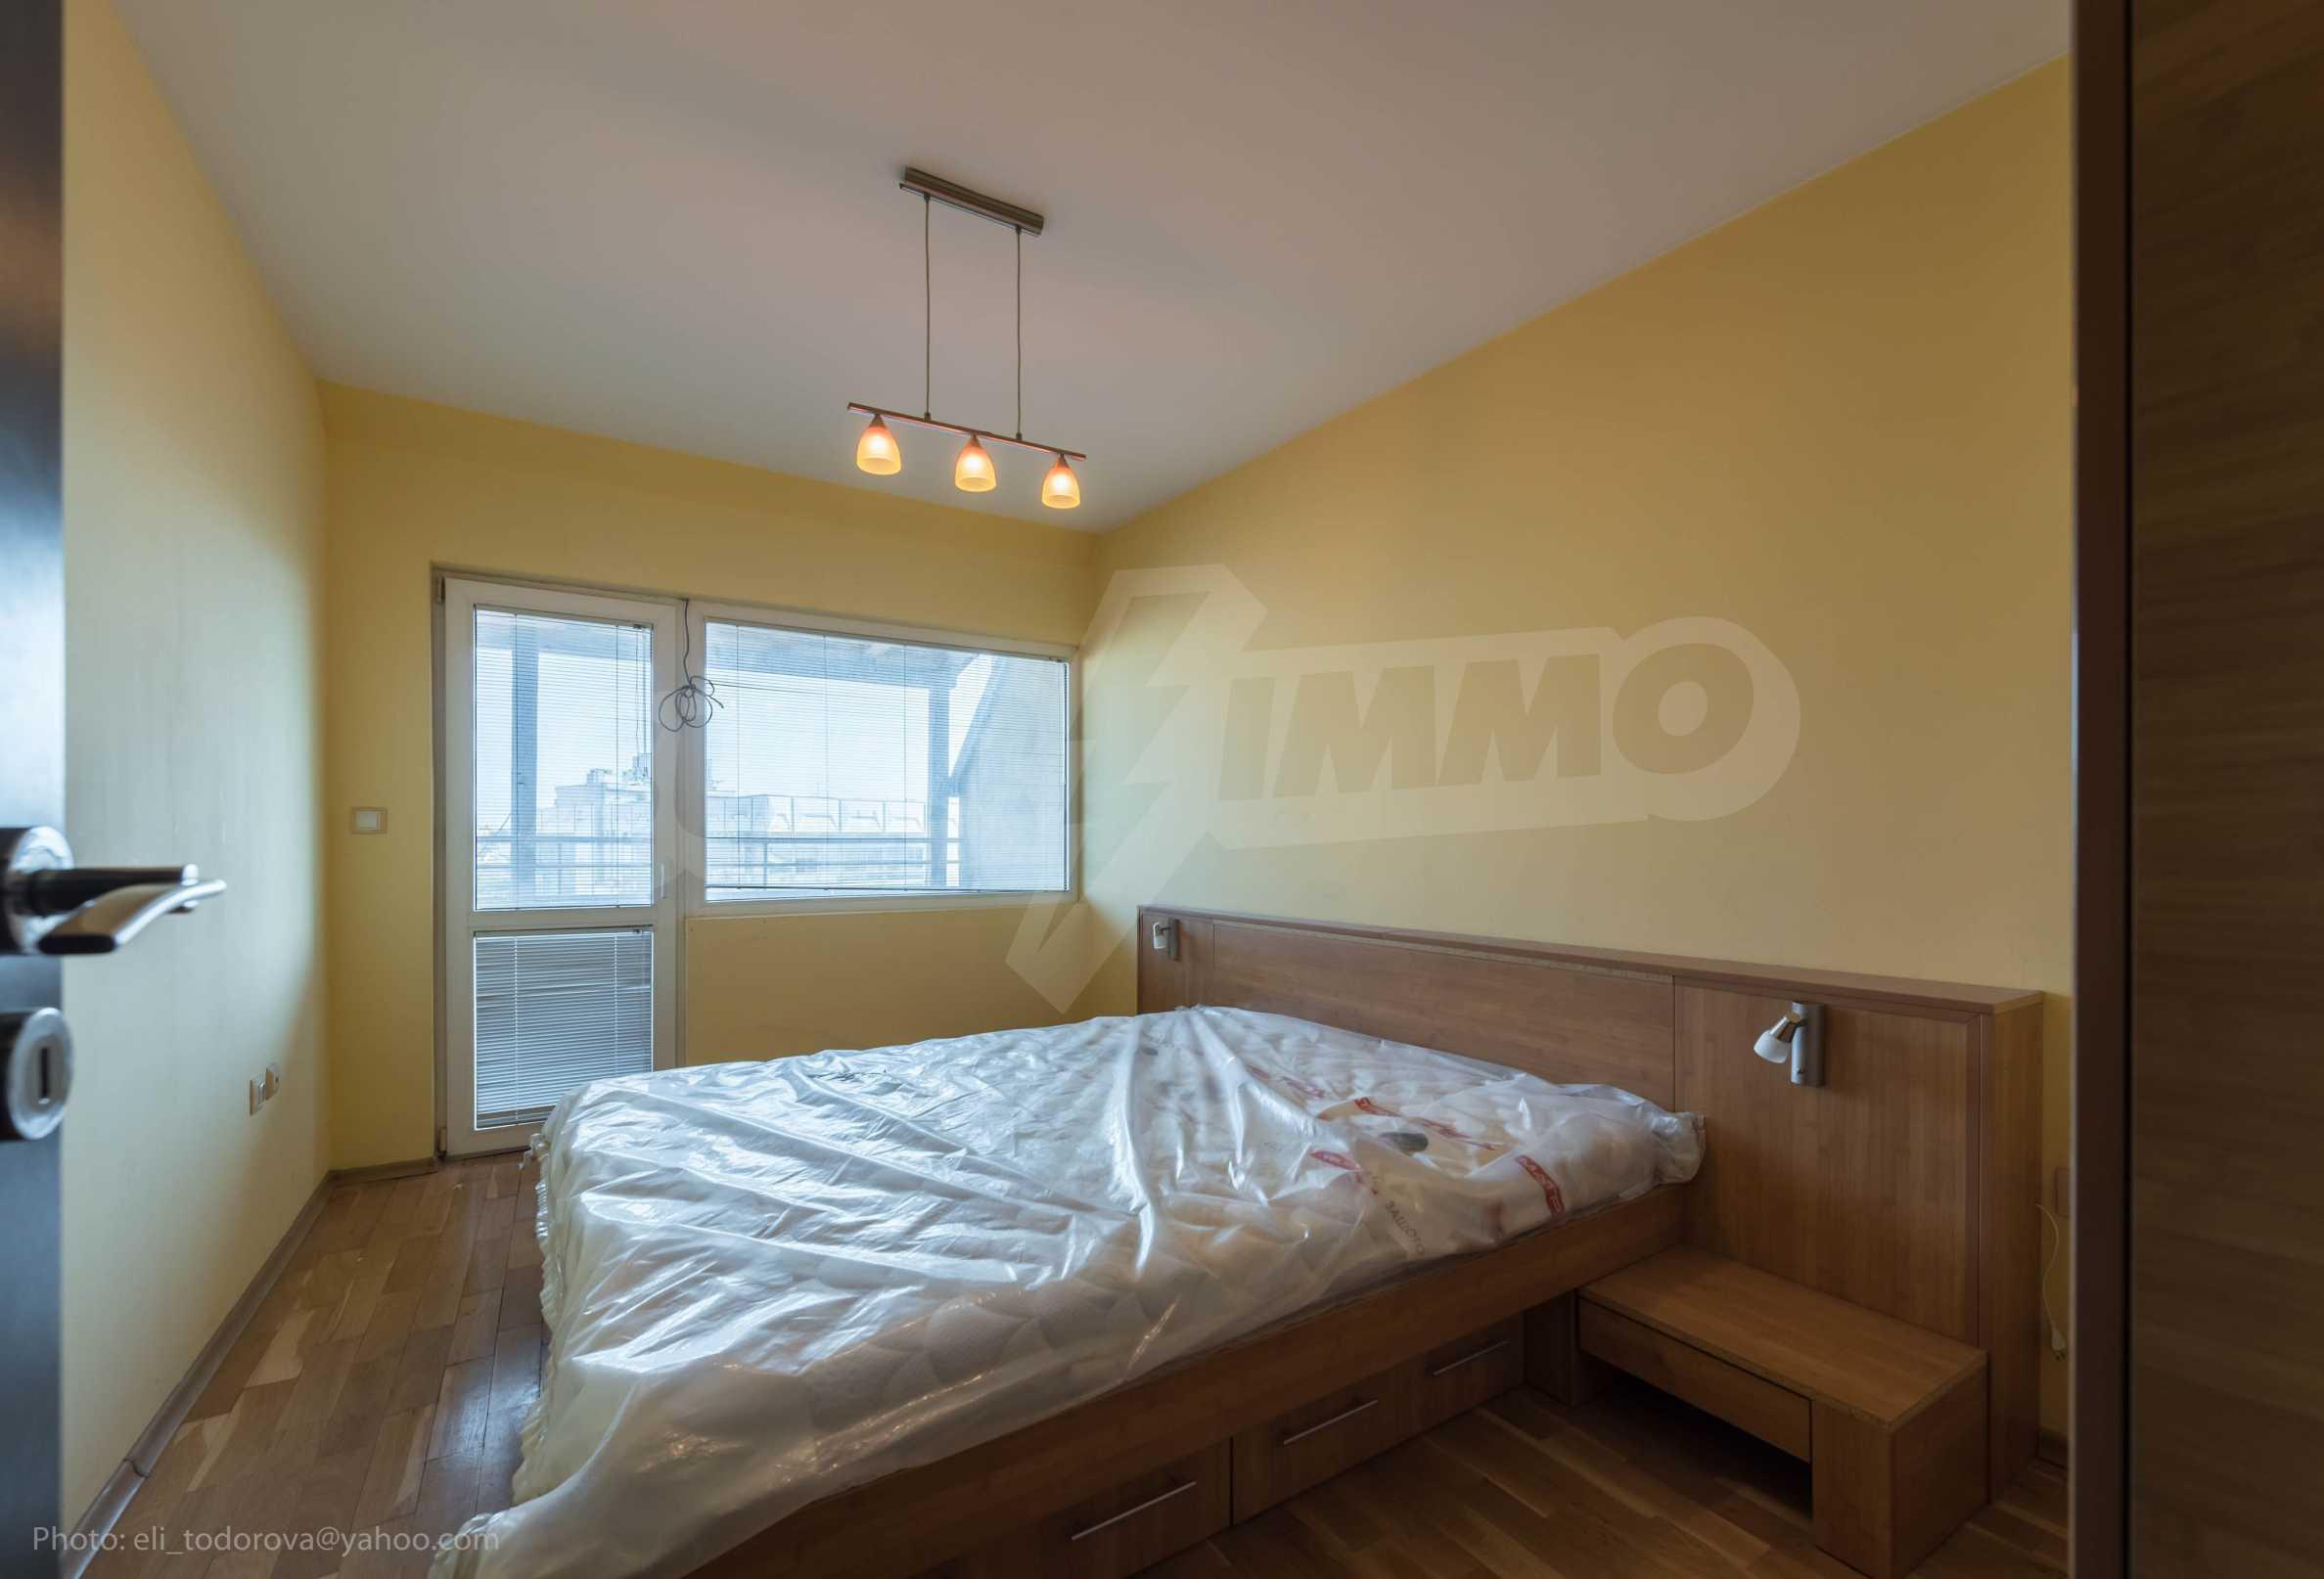 Квартира «Миша» - отличная трехкомнатная недвижимость в идеальном центре. 11